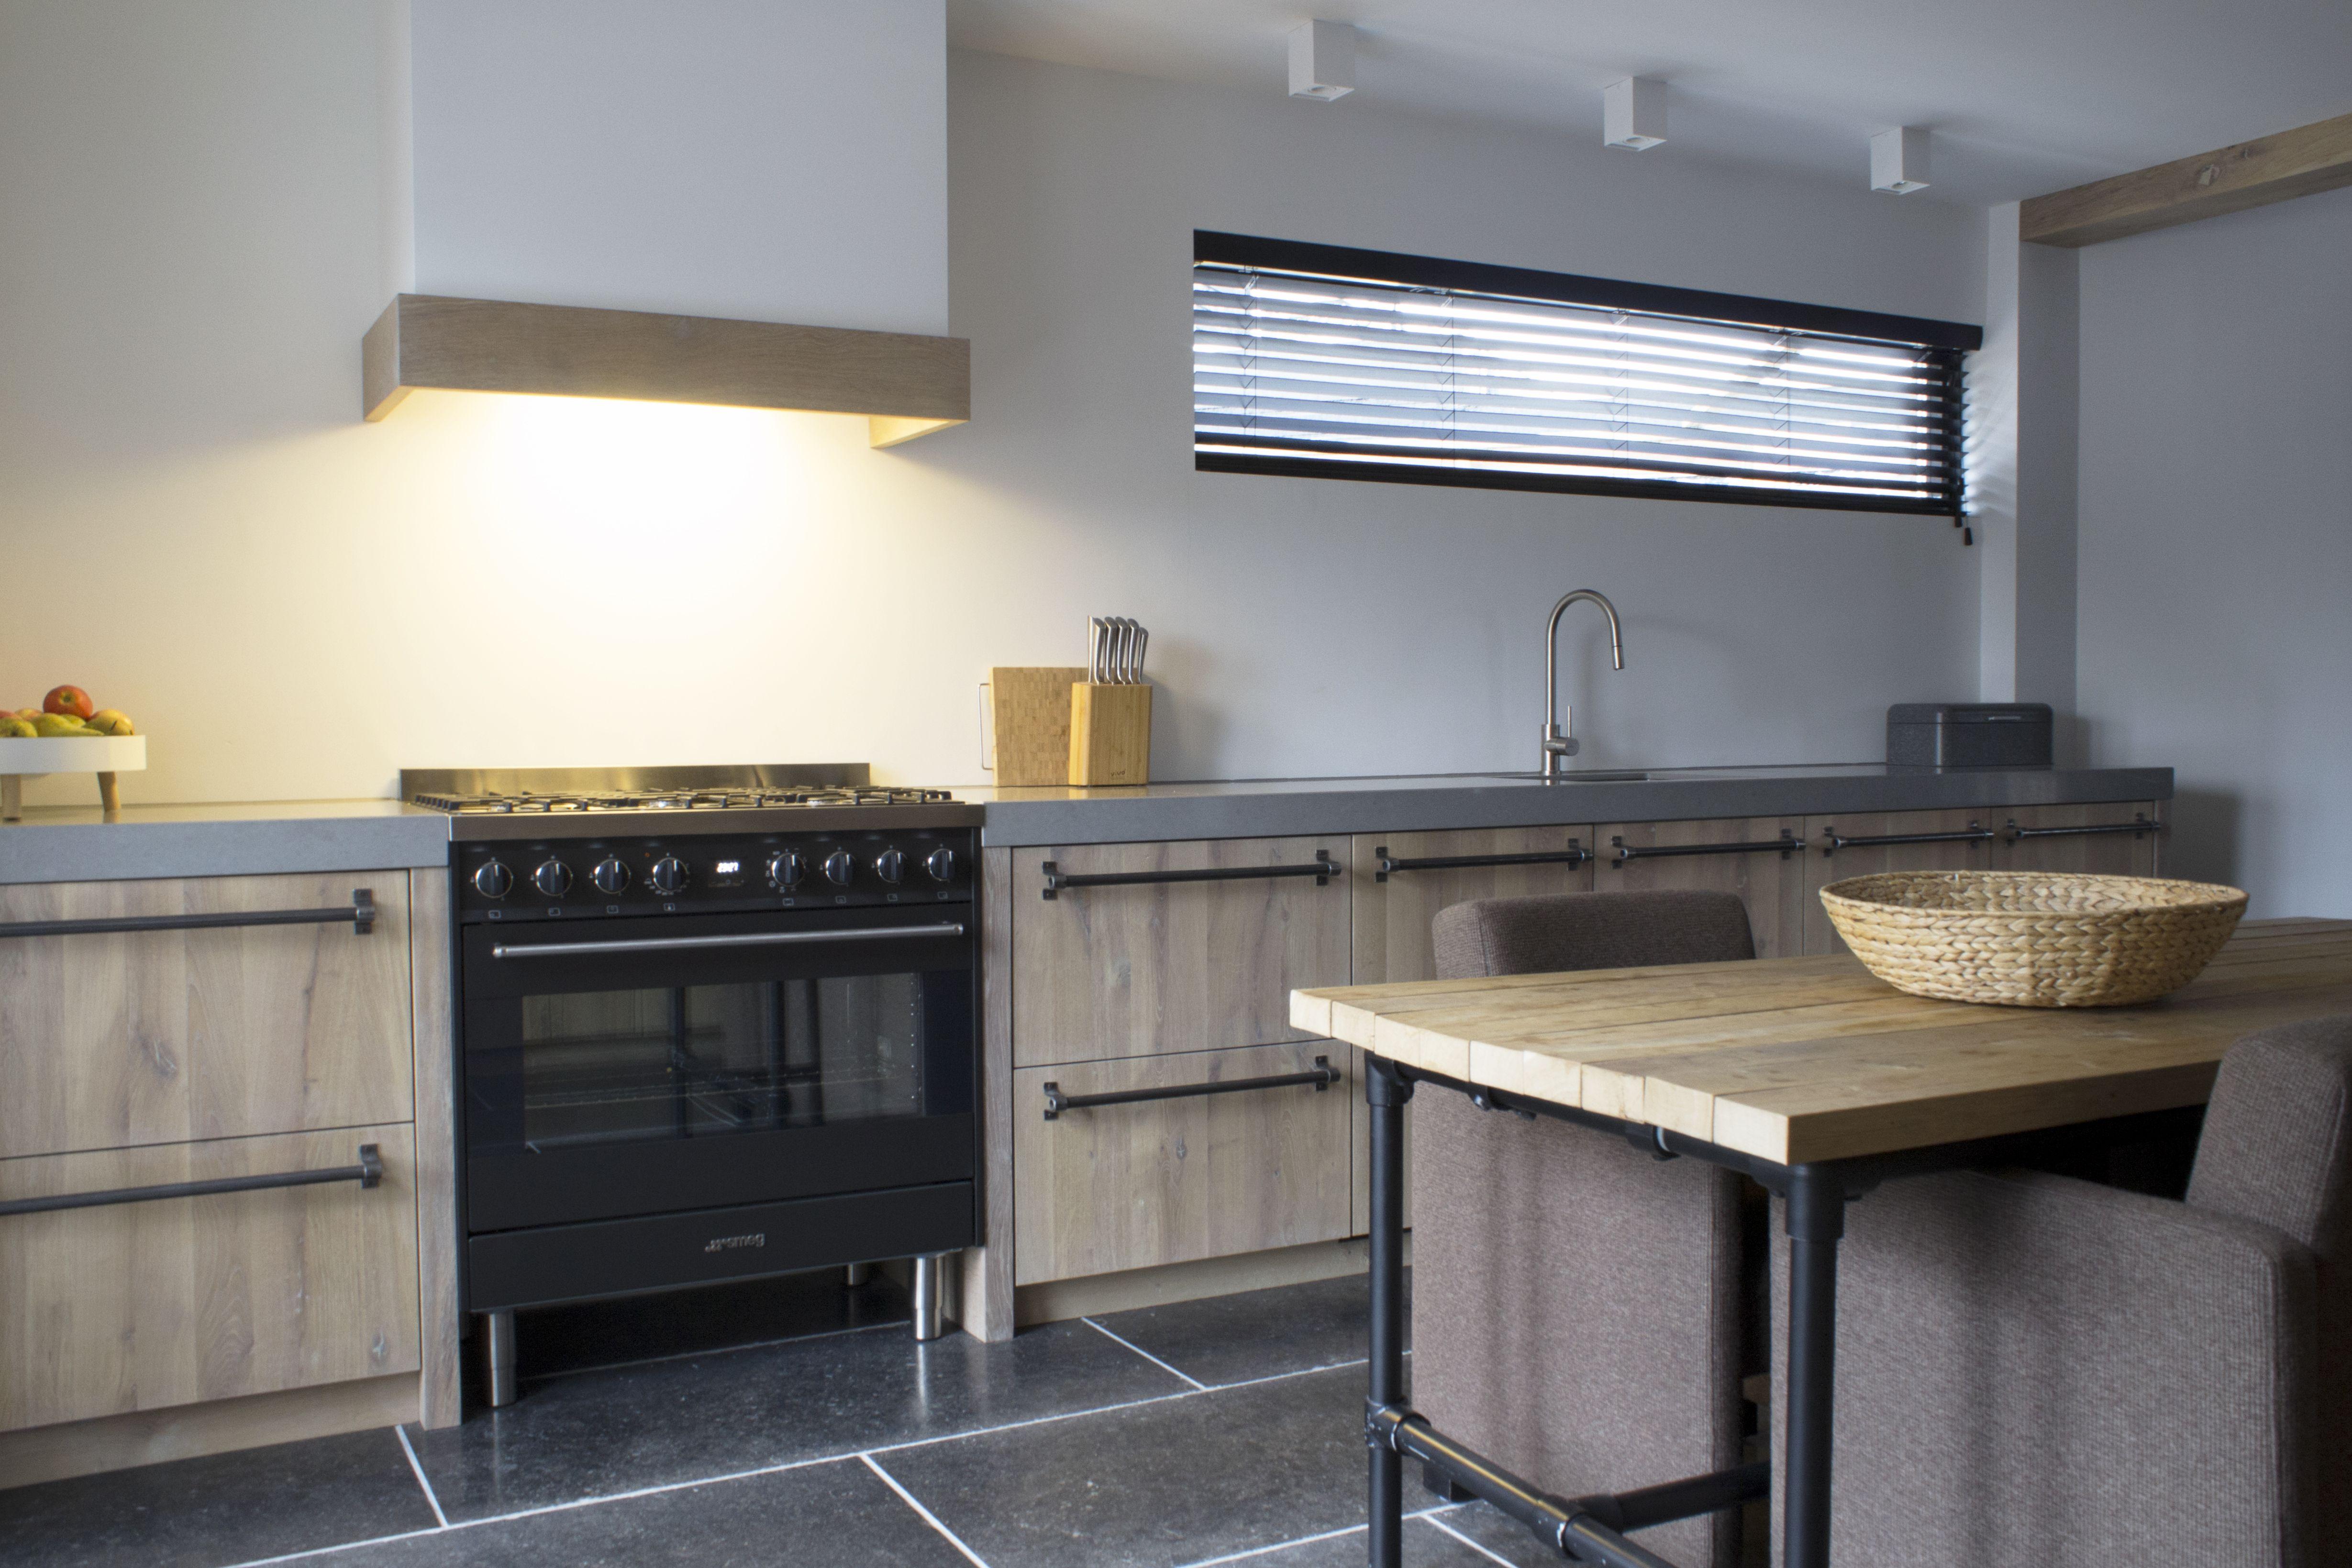 Zwart Keuken Stoere : Keuken fornuis. stunning getagged cooker houtfornuis with keuken